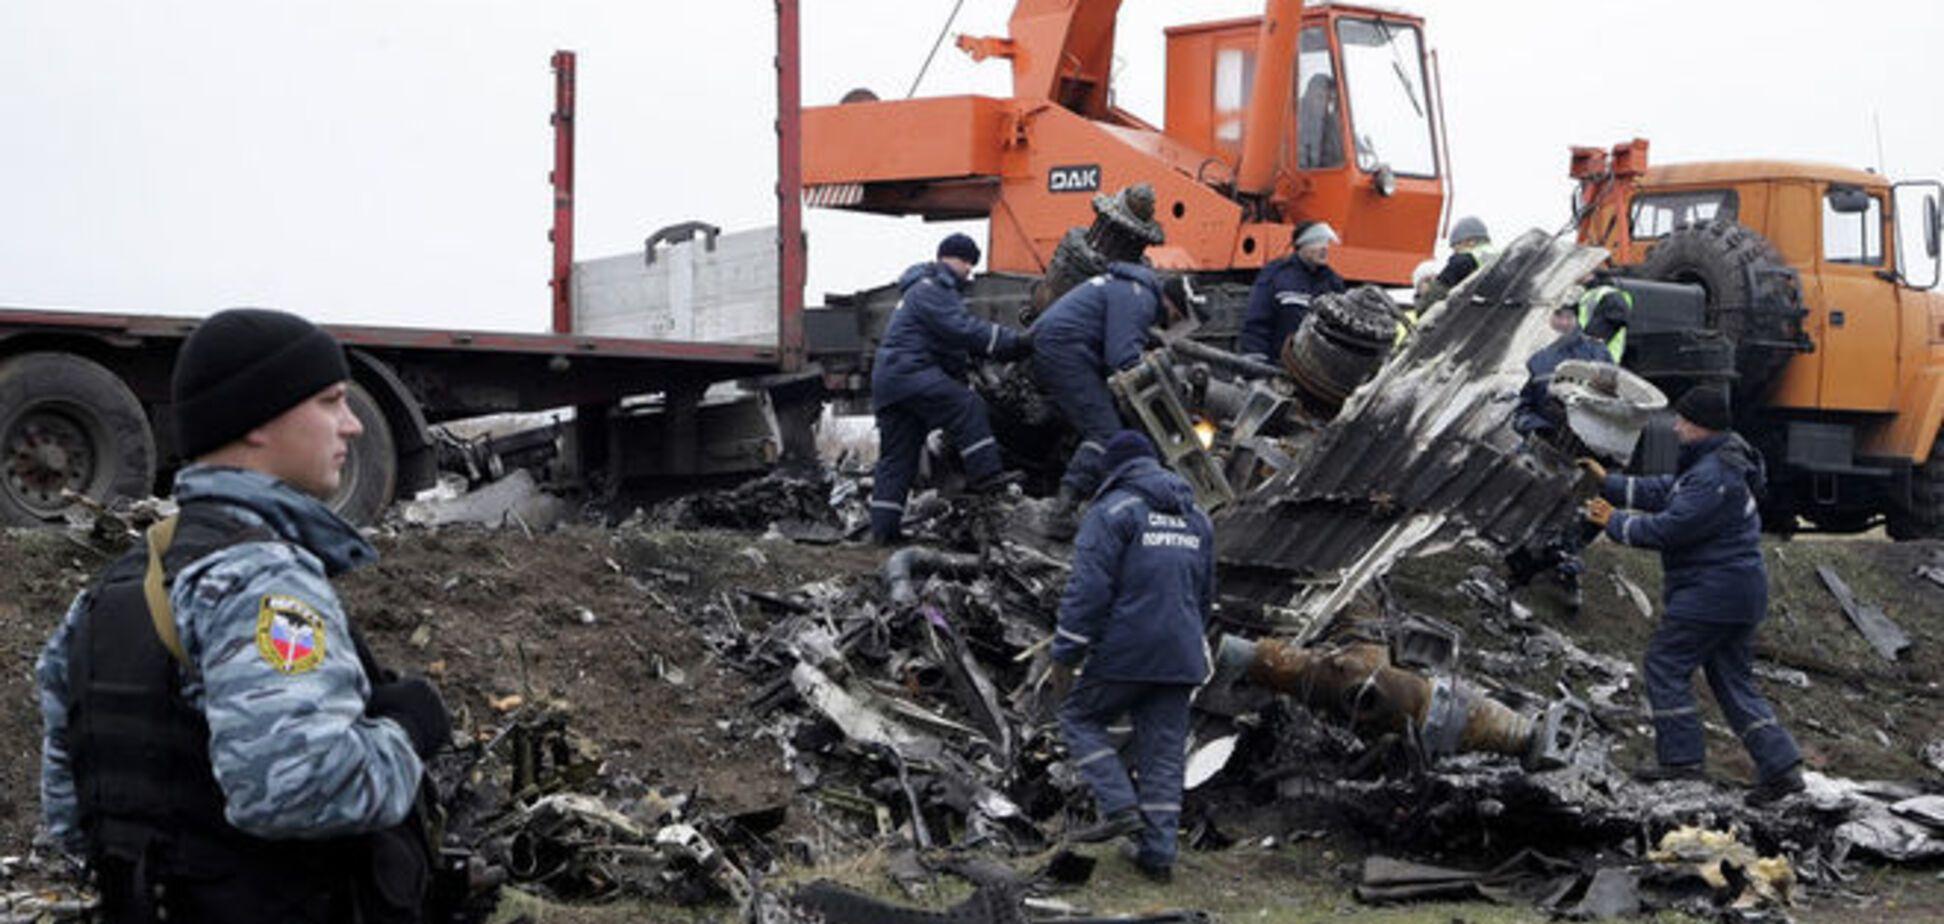 Нідерланди довели, що Boeing777 збили терористи - CNN